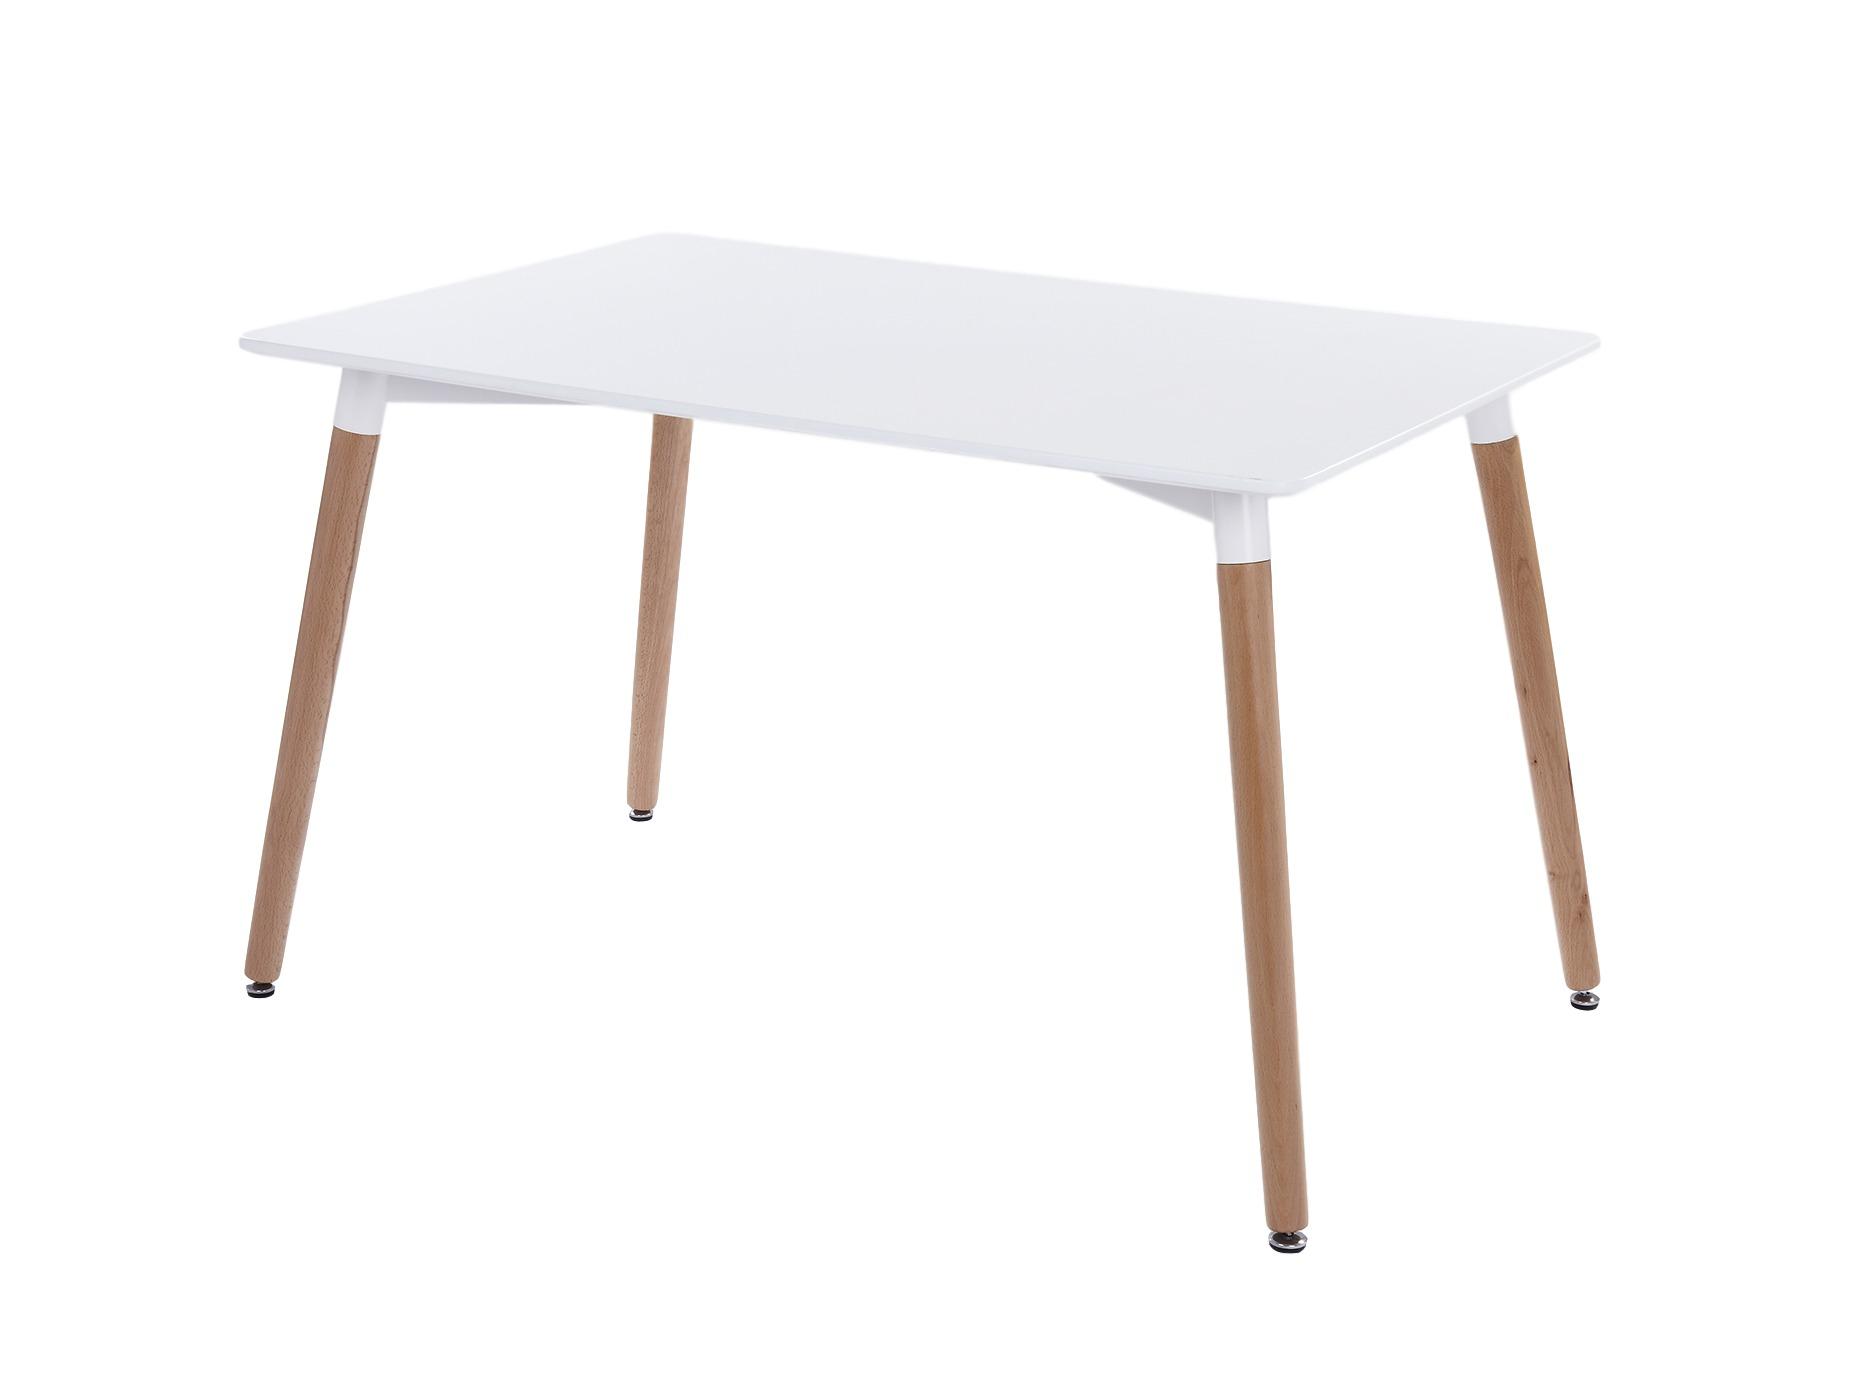 Стол Плавные линииОбеденные столы<br>&amp;lt;div&amp;gt;Коллекция «Плавные линии» разработана дизайнерами для создания максимального комфорта и удобства, а яркая палитра насыщенных цветов привнесет в атмосферу дома живительные нотки и красочную легкость. Столы из коллекции «Плавные линии» станут выразительным акцентом вашего интерьера и безупречно впишутся в любую обстановку.&amp;lt;/div&amp;gt;&amp;lt;div&amp;gt;&amp;lt;br&amp;gt;&amp;lt;/div&amp;gt;<br><br>Material: МДФ<br>Length см: None<br>Width см: 120<br>Depth см: 80<br>Height см: 73<br>Diameter см: None